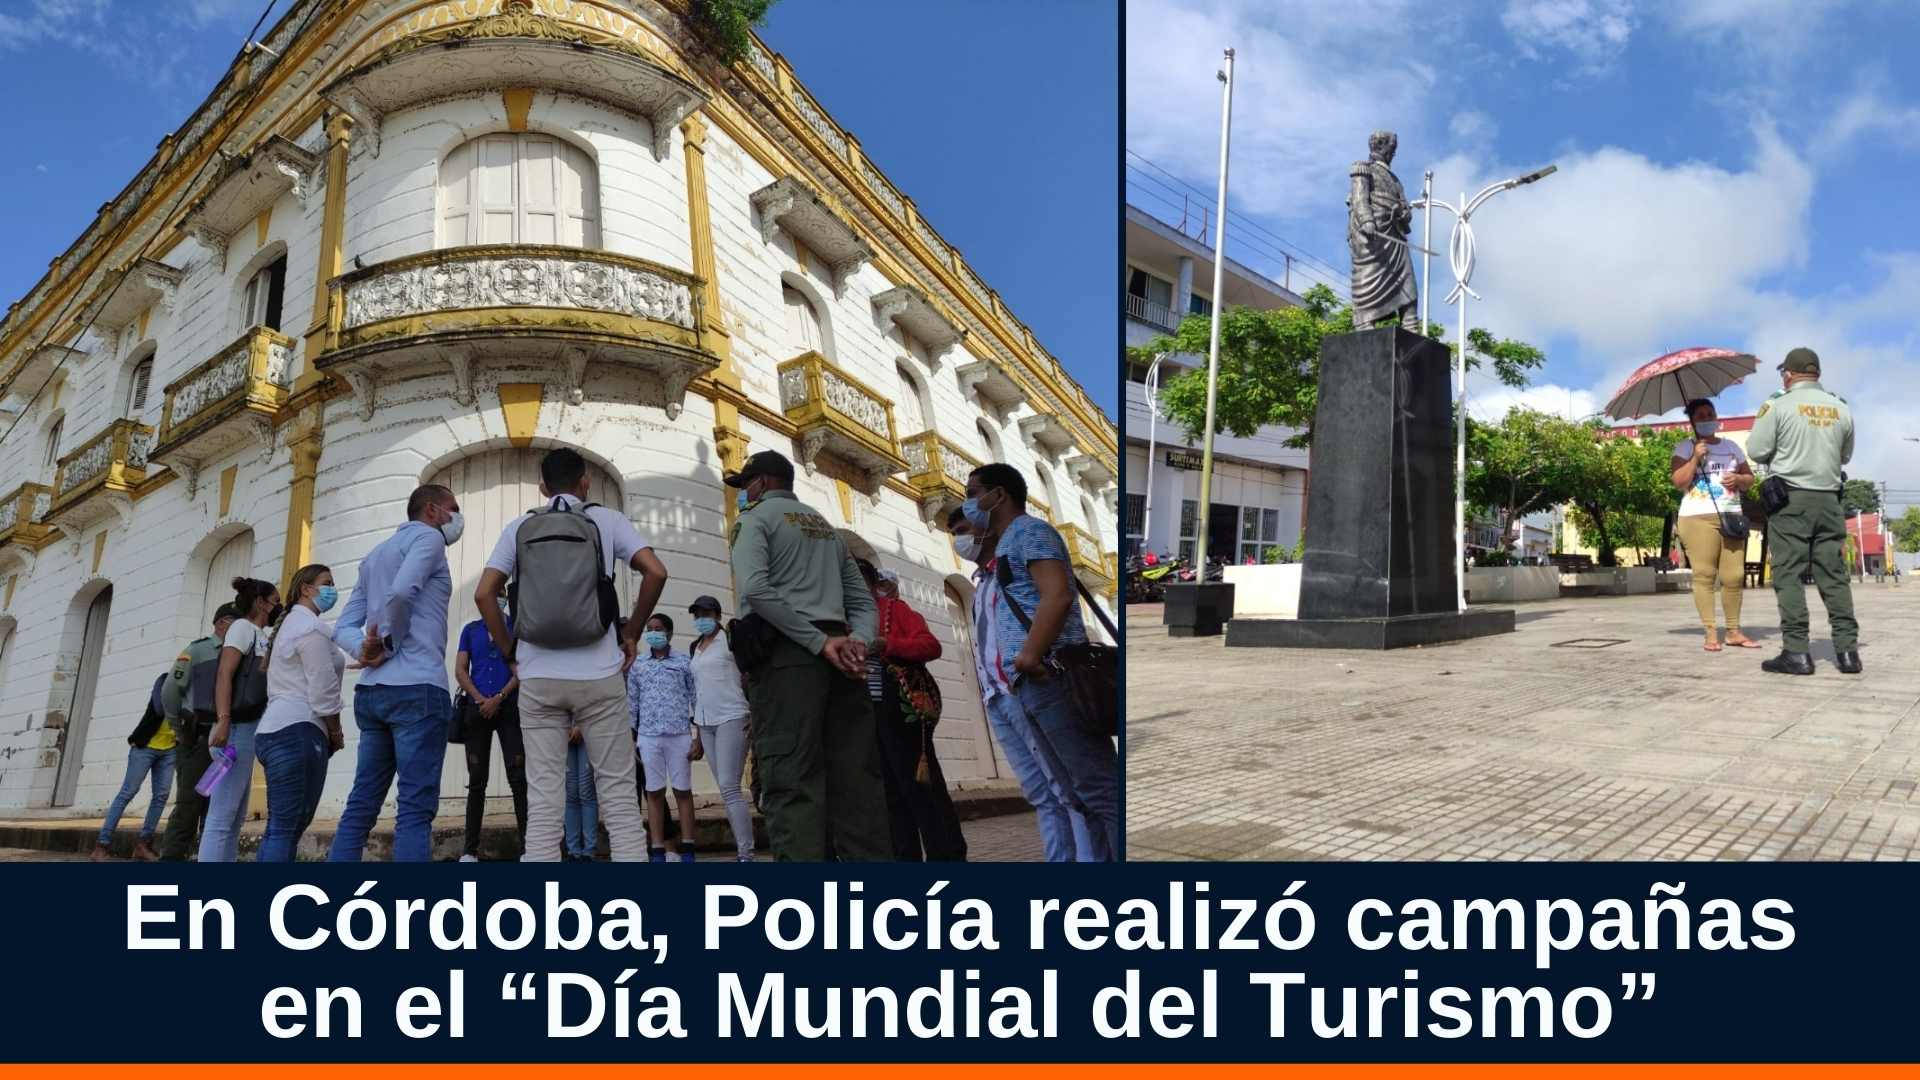 """En Córdoba, Policía realizó campañas en el """"Día Mundial del Turismo"""""""